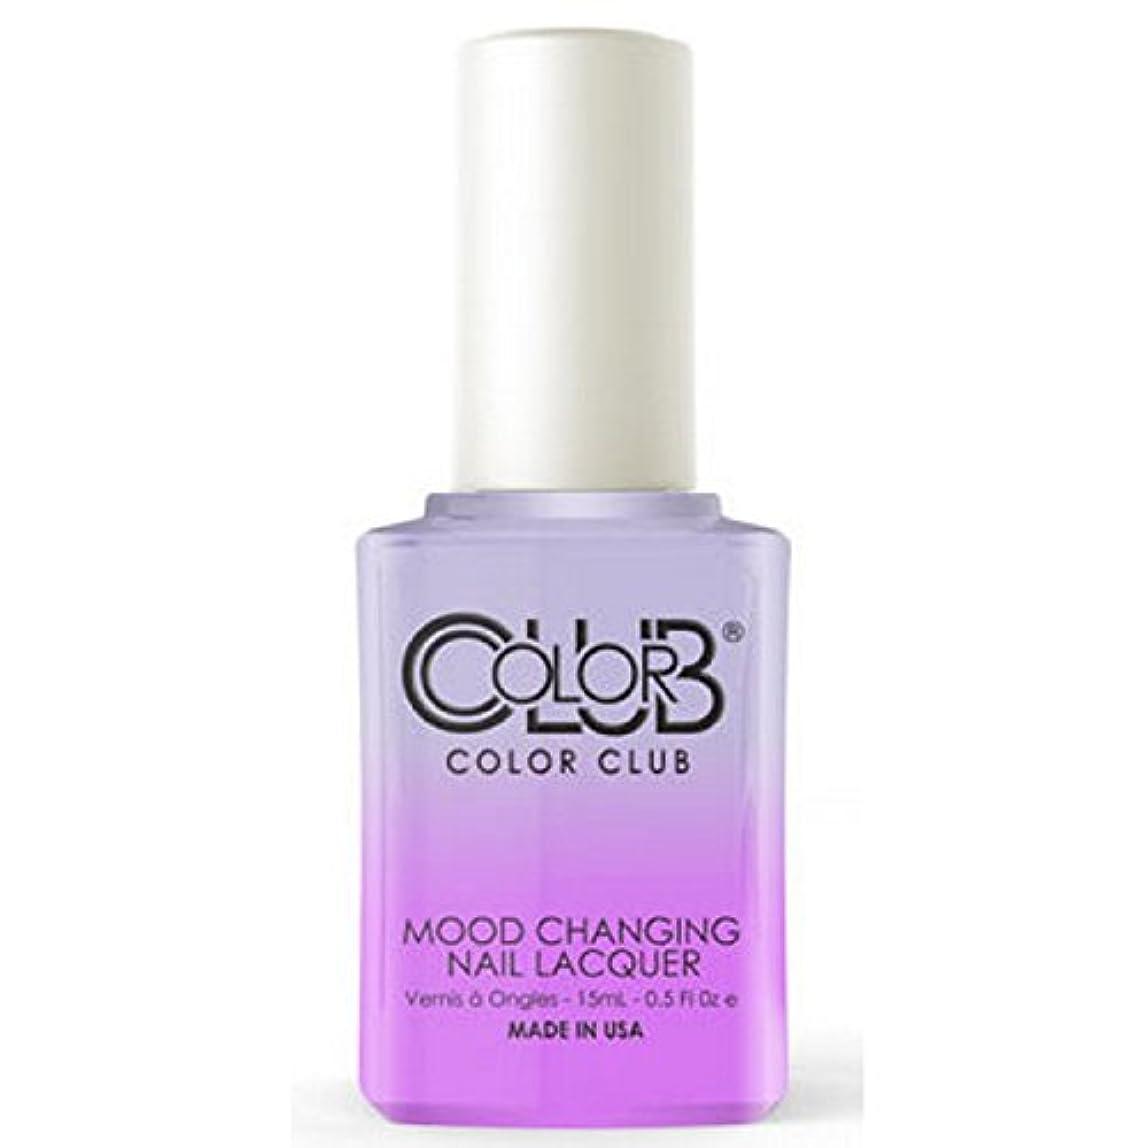 不名誉サラダマーティンルーサーキングジュニアColor Club Mood Changing Nail Lacquer - Easy Breezy- 15 mL / 0.5 fl oz